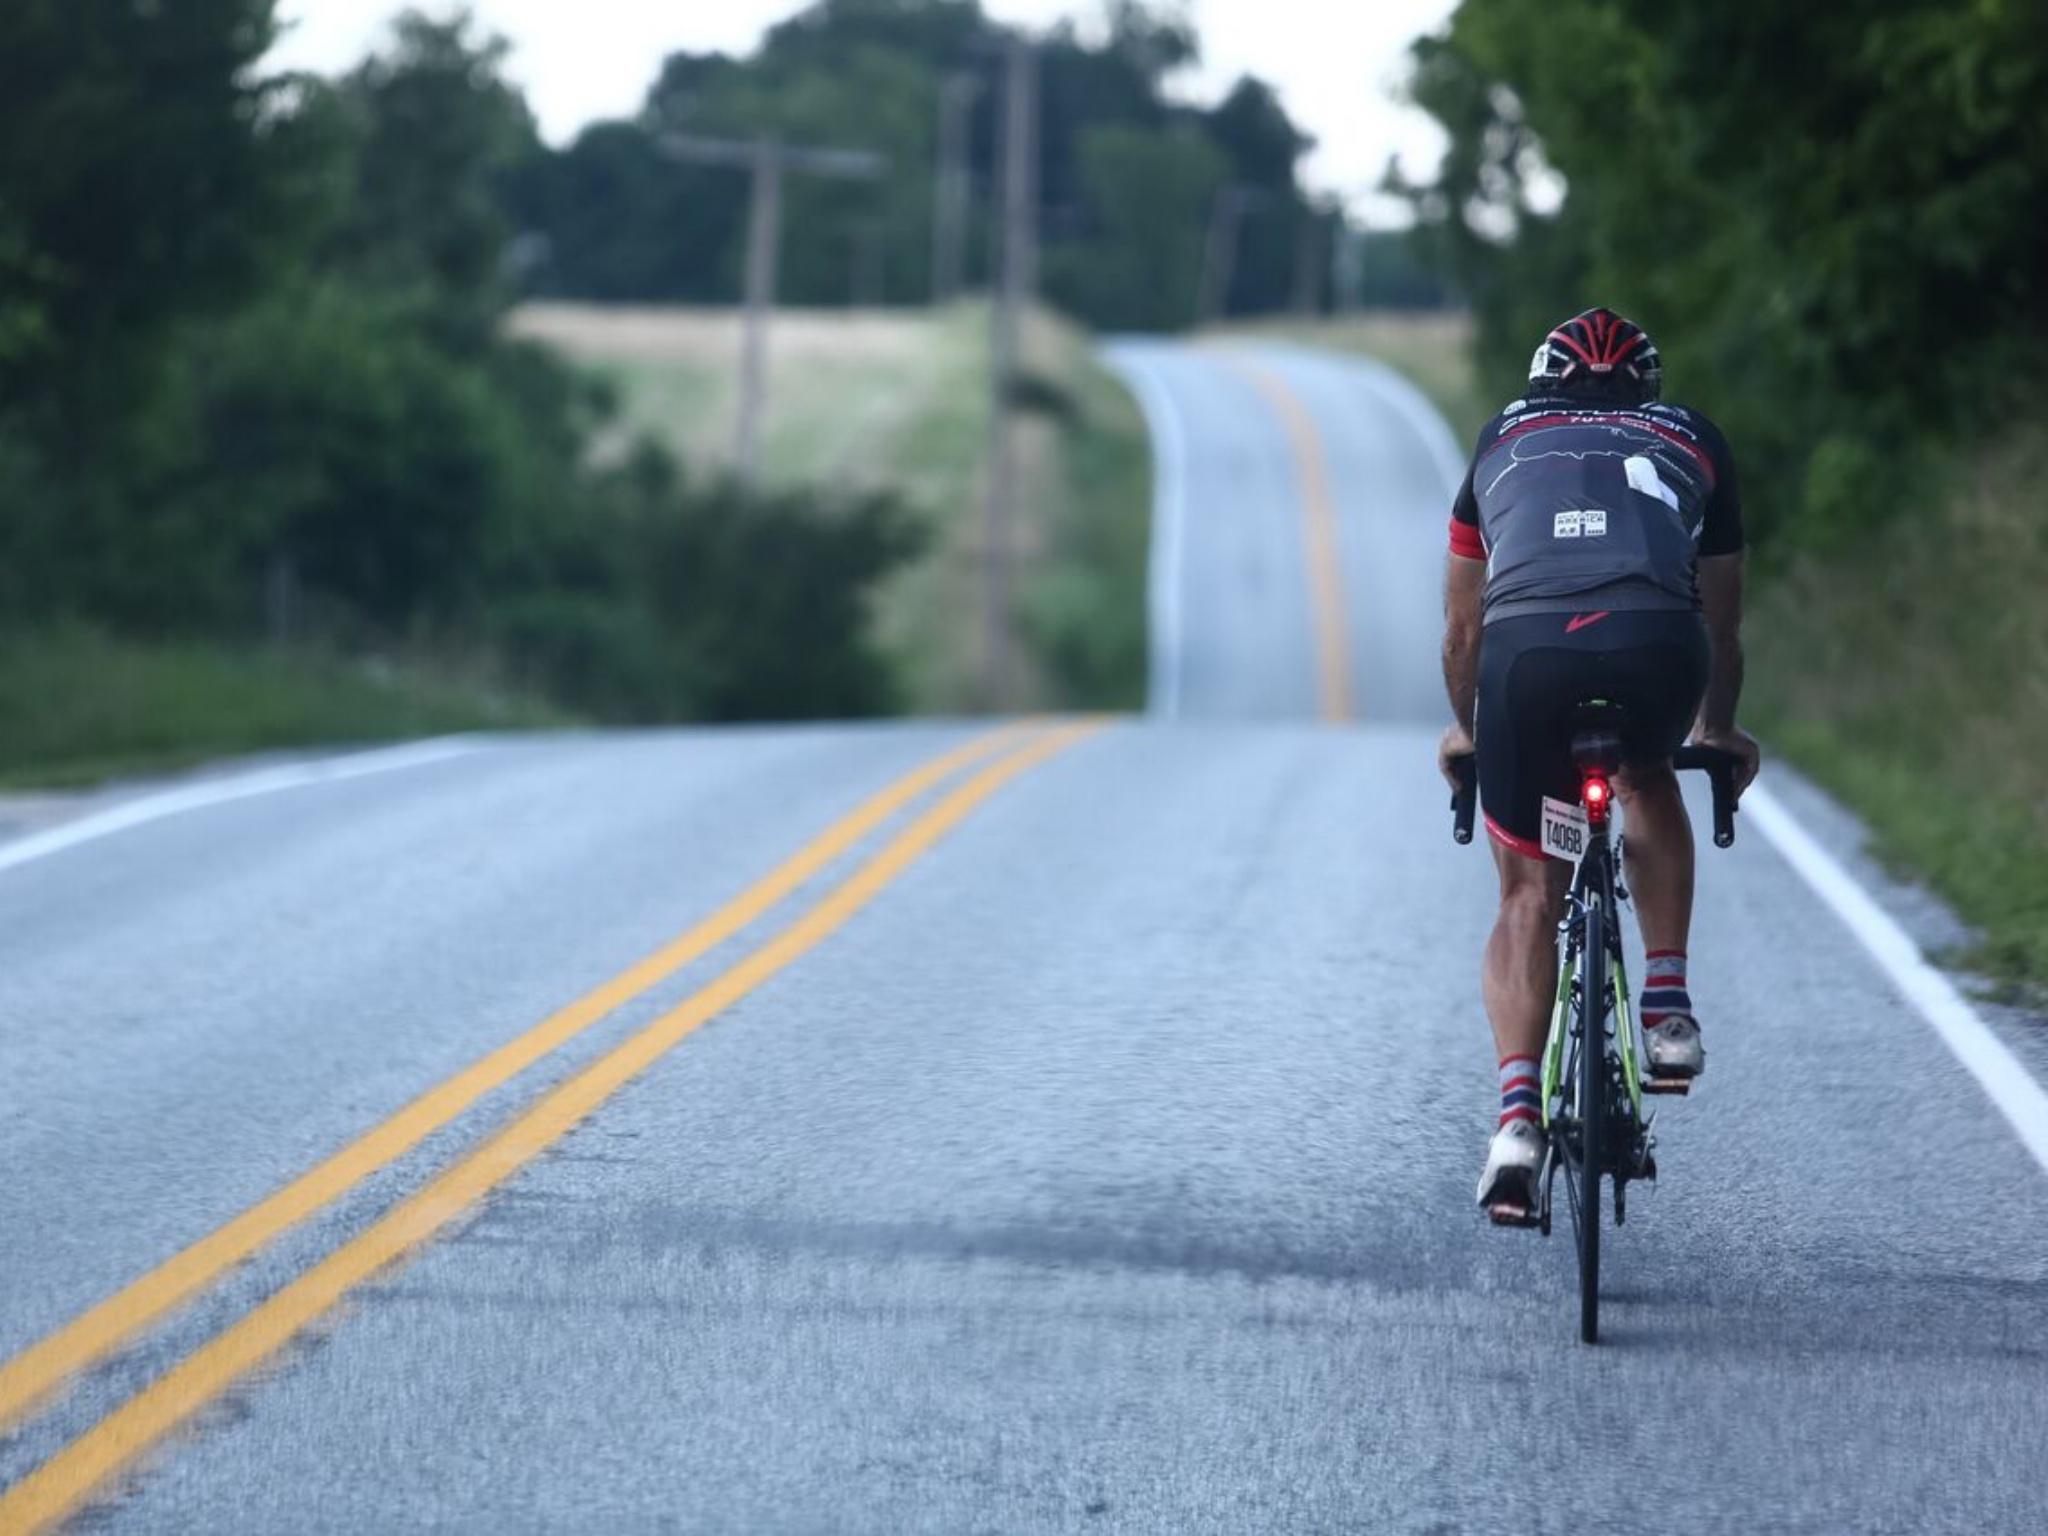 Mit dem Fahrrad durch die Vereinigten Staaten beim RaceAcrossAmerica. Quelle: Hupp Photography